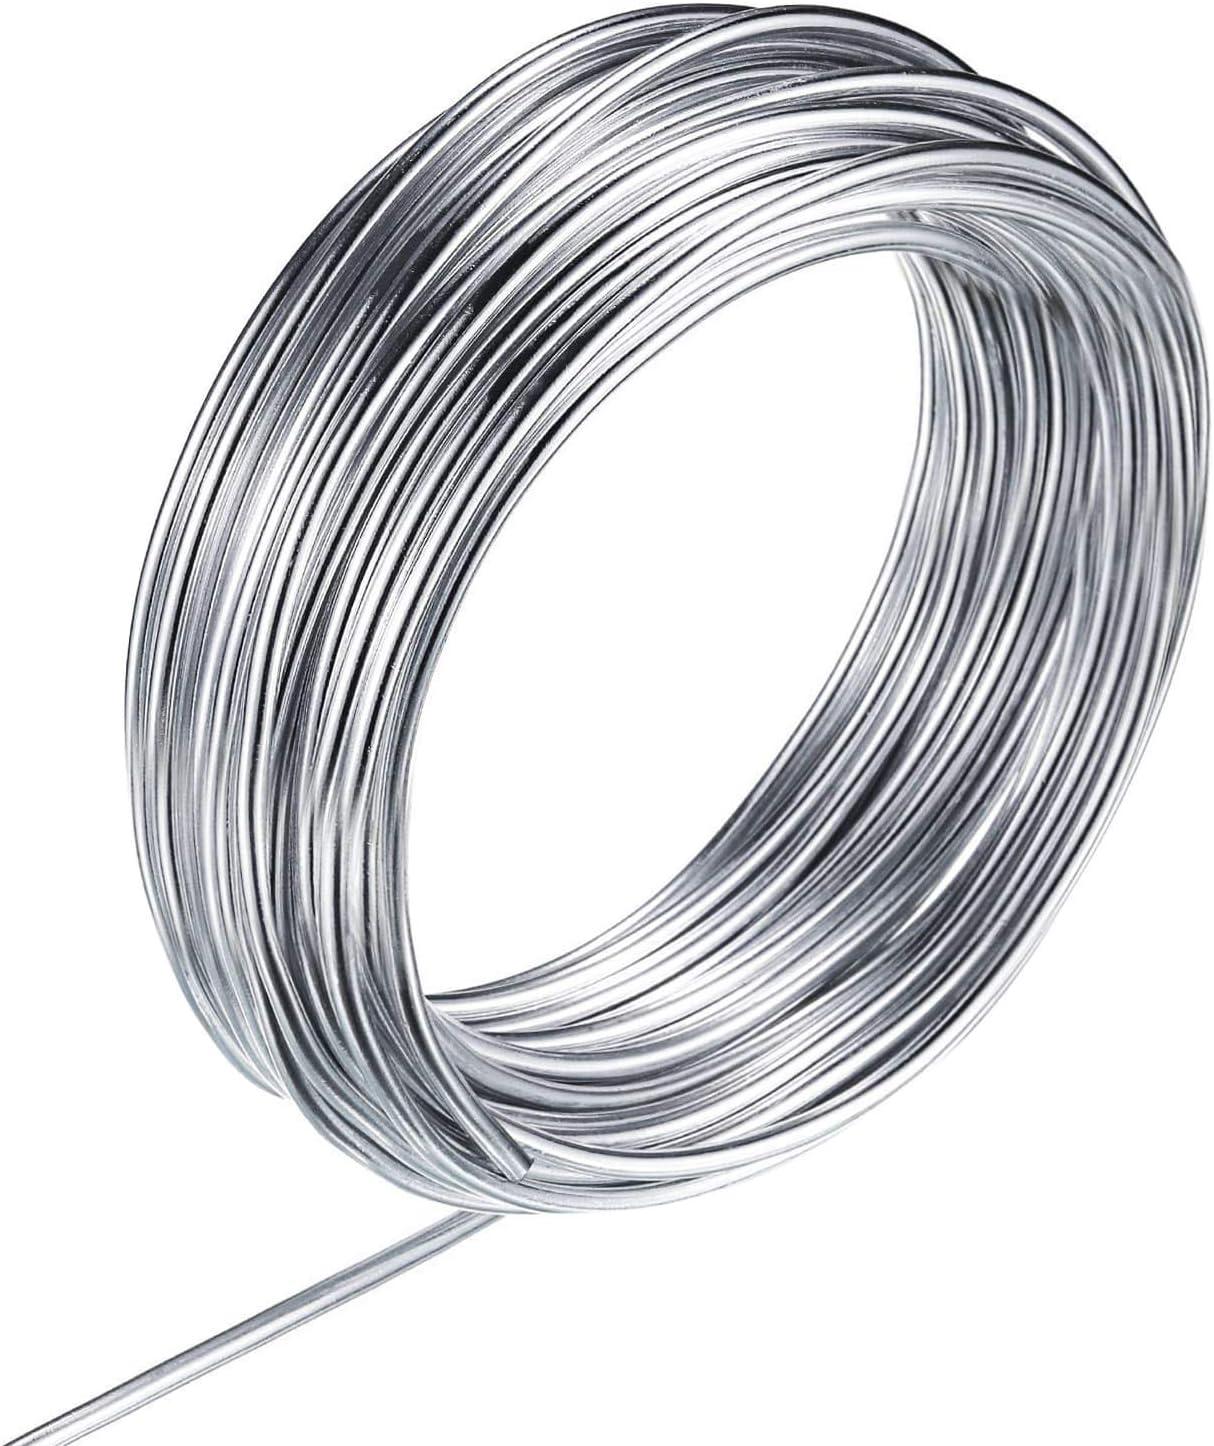 suministros de bricolaje Alambre para pulsera de alambre de aleaci/ón brazalete de alambre de memoria joyer/ía para envoltura de alambre plata y oro joyer/ía artesanal Minleer 500 Loop Jewelry